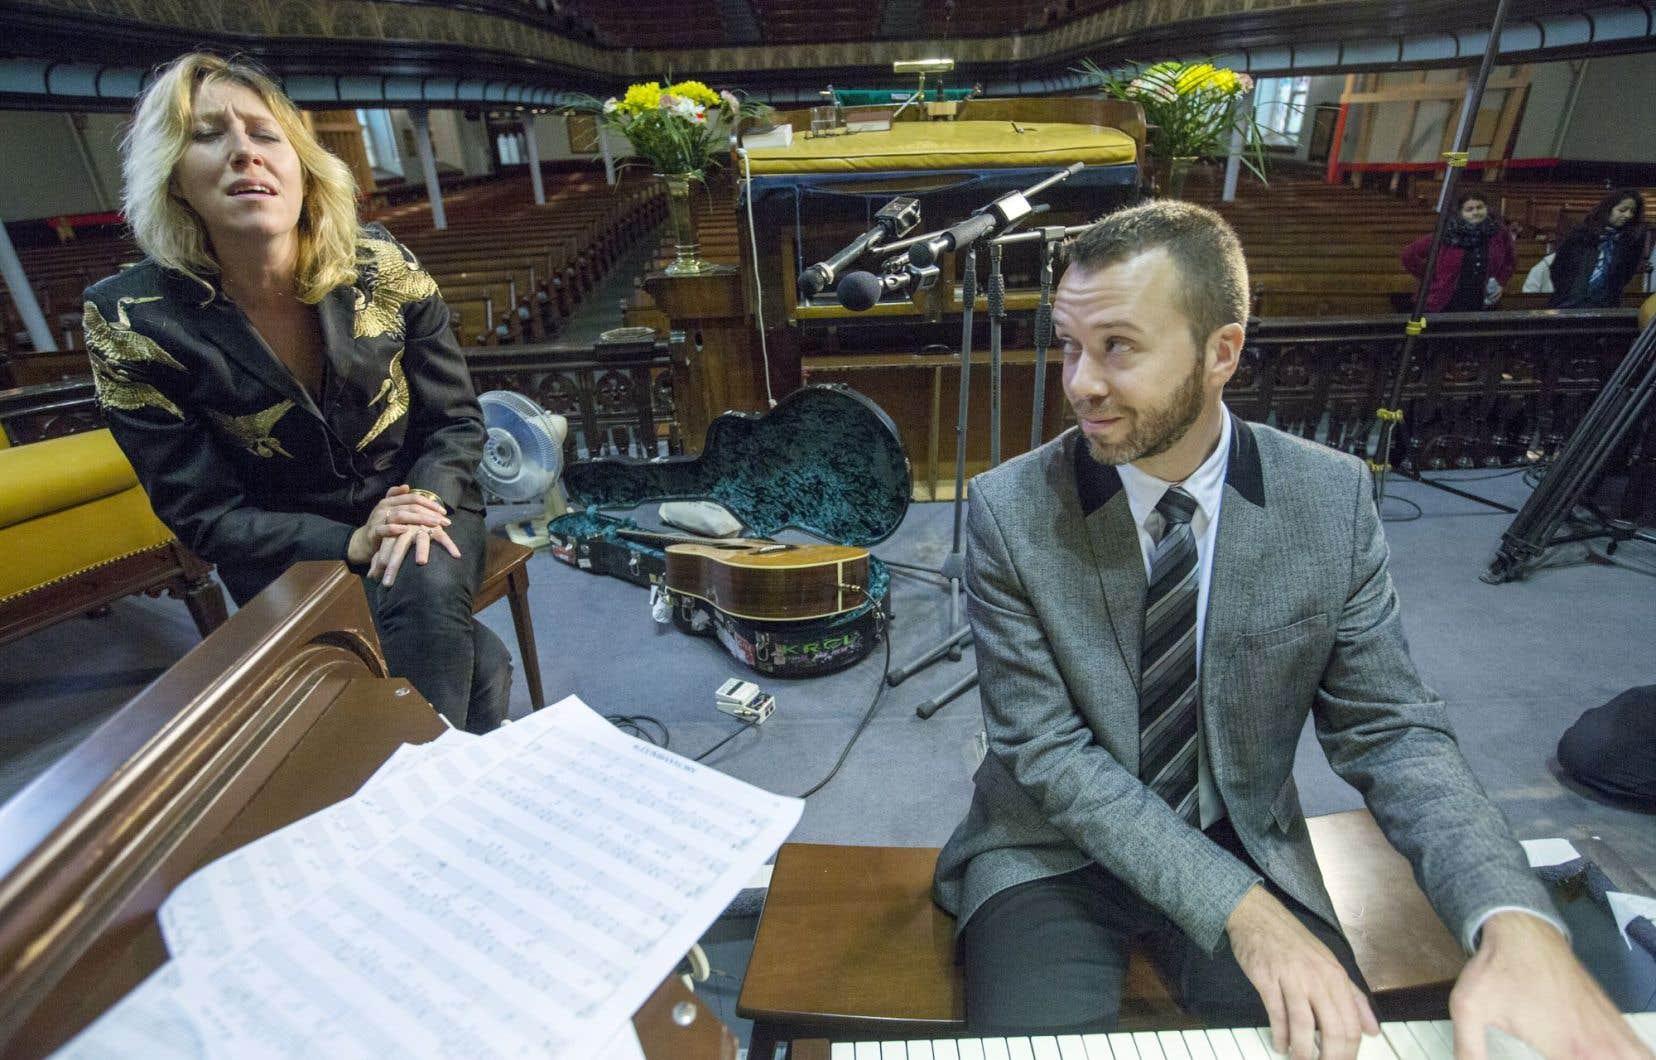 Martha Wainwright et un des organistes lauréats du CIOC en 2011, Jean-Willy Kunz, en répétition en vue du concert du 7octobre à l'église St. James United.